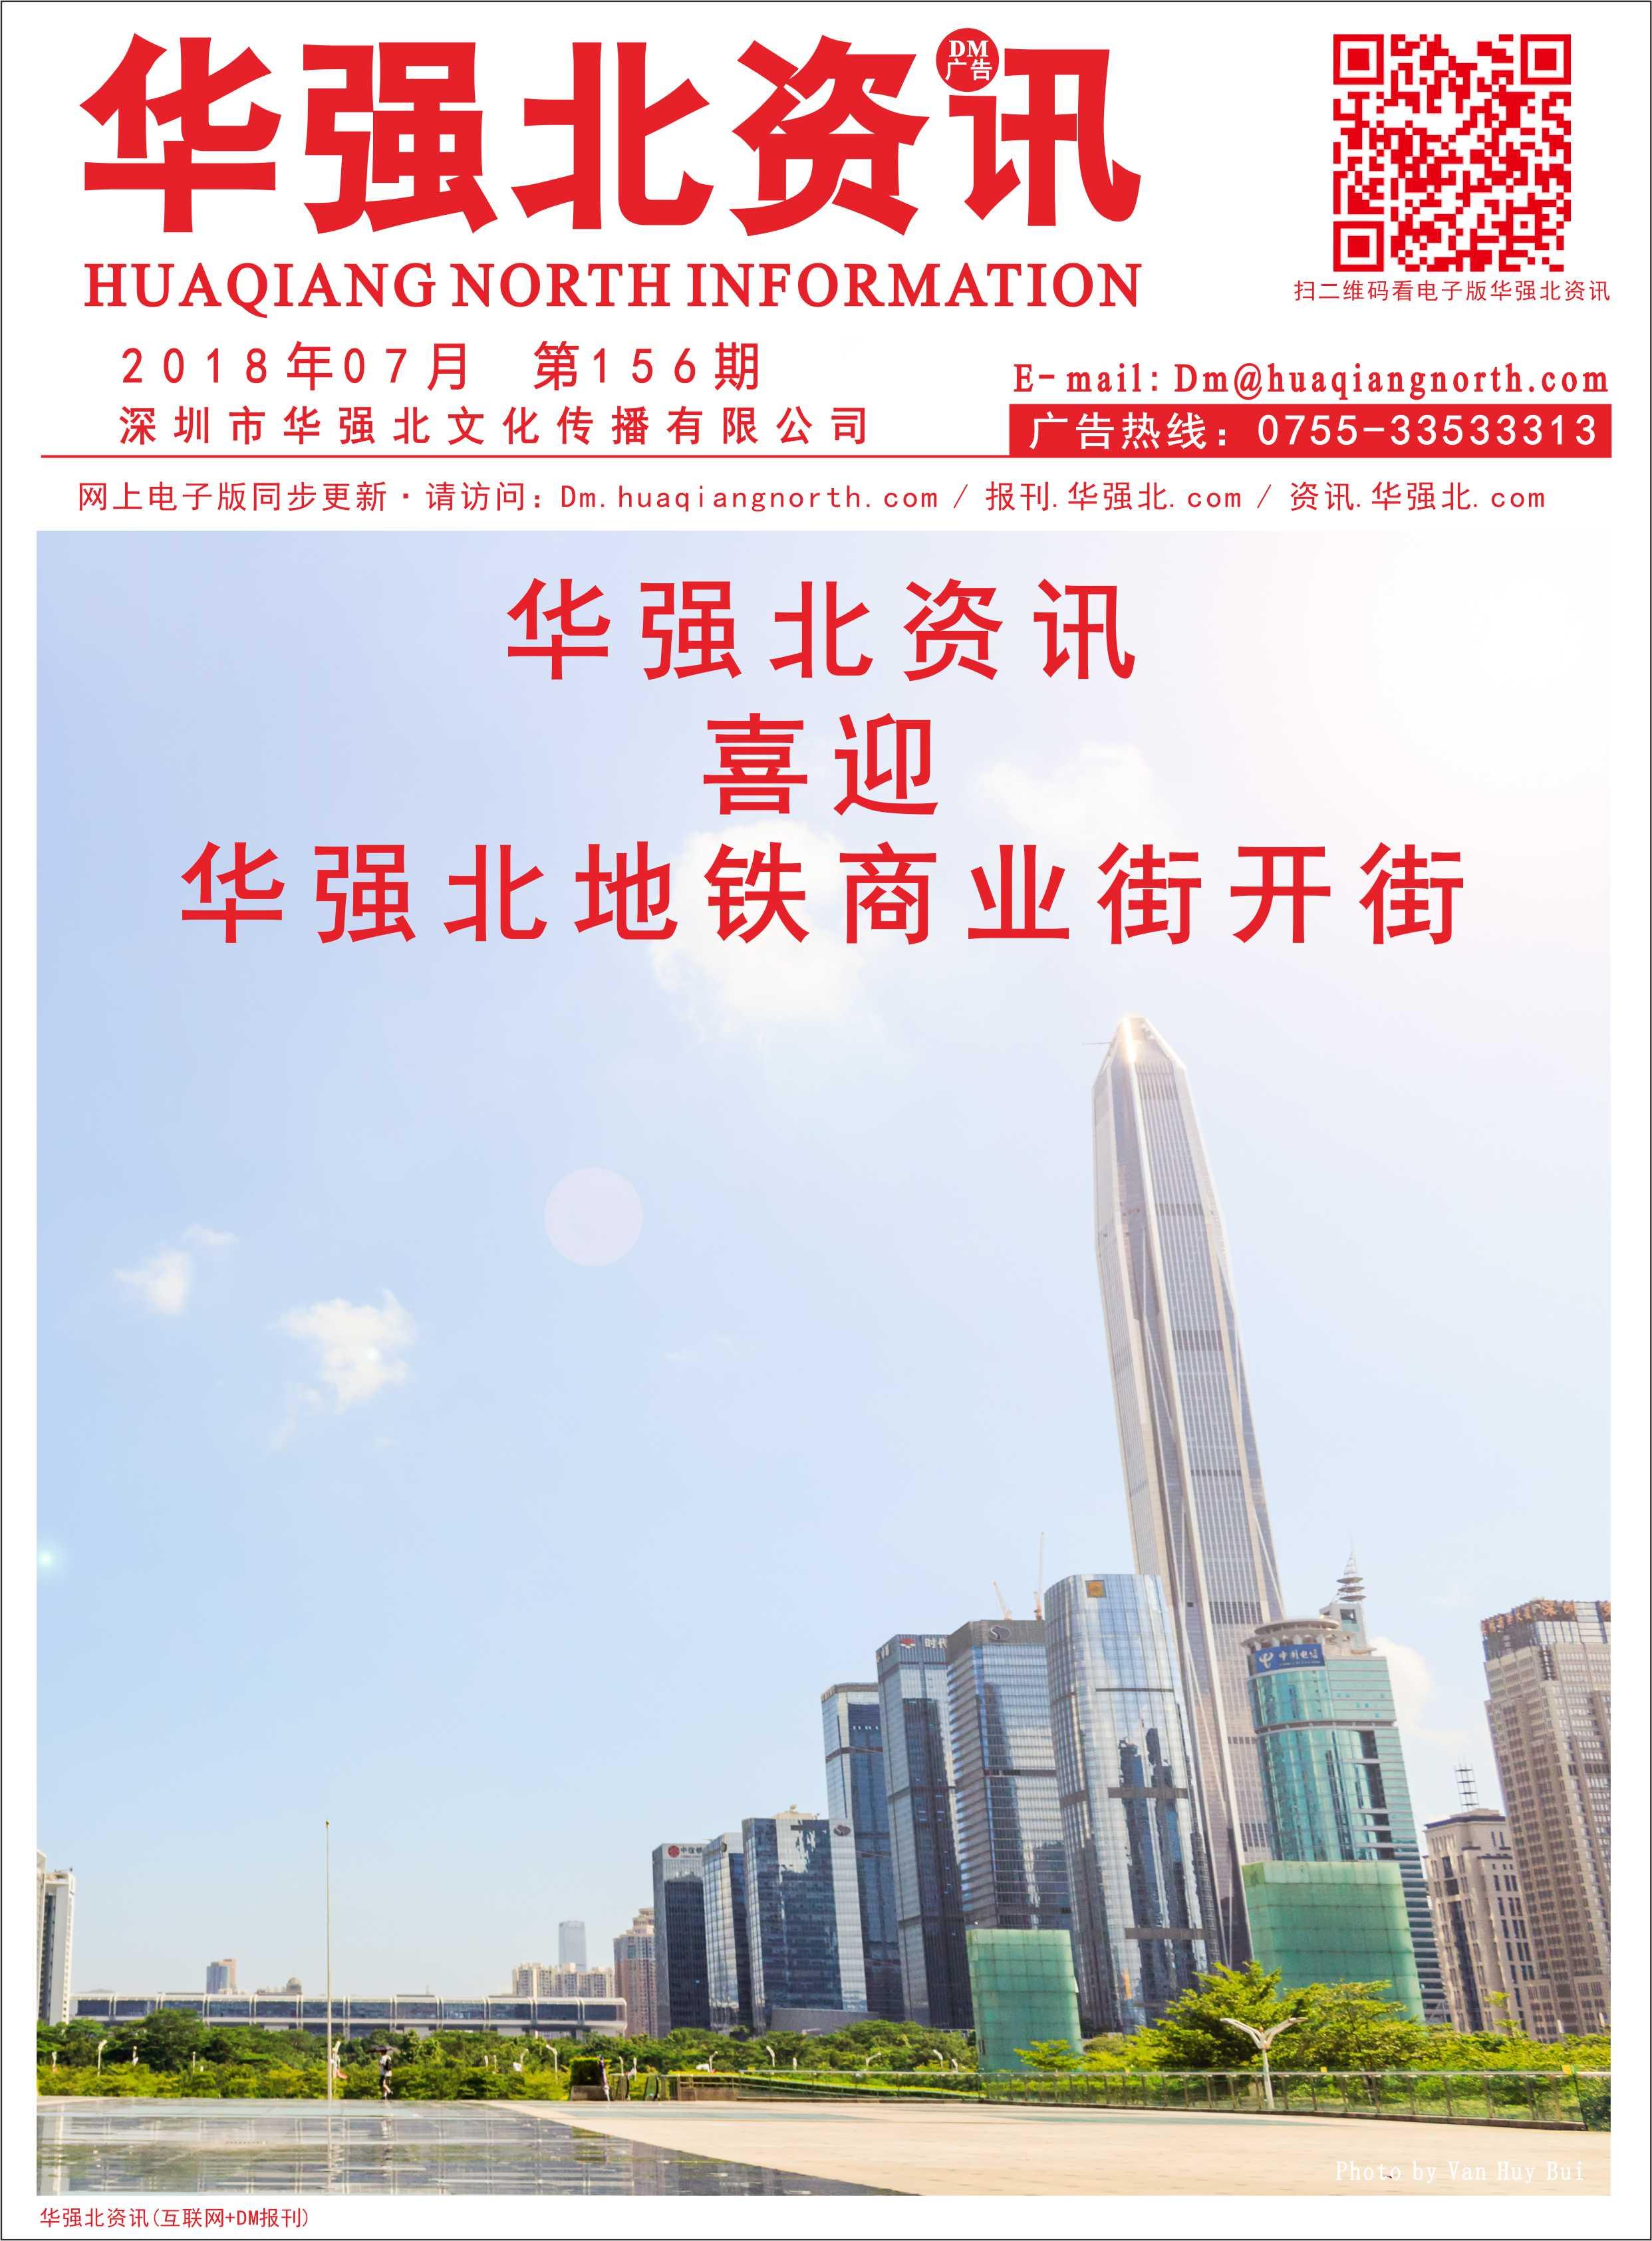 华强北资讯第156期